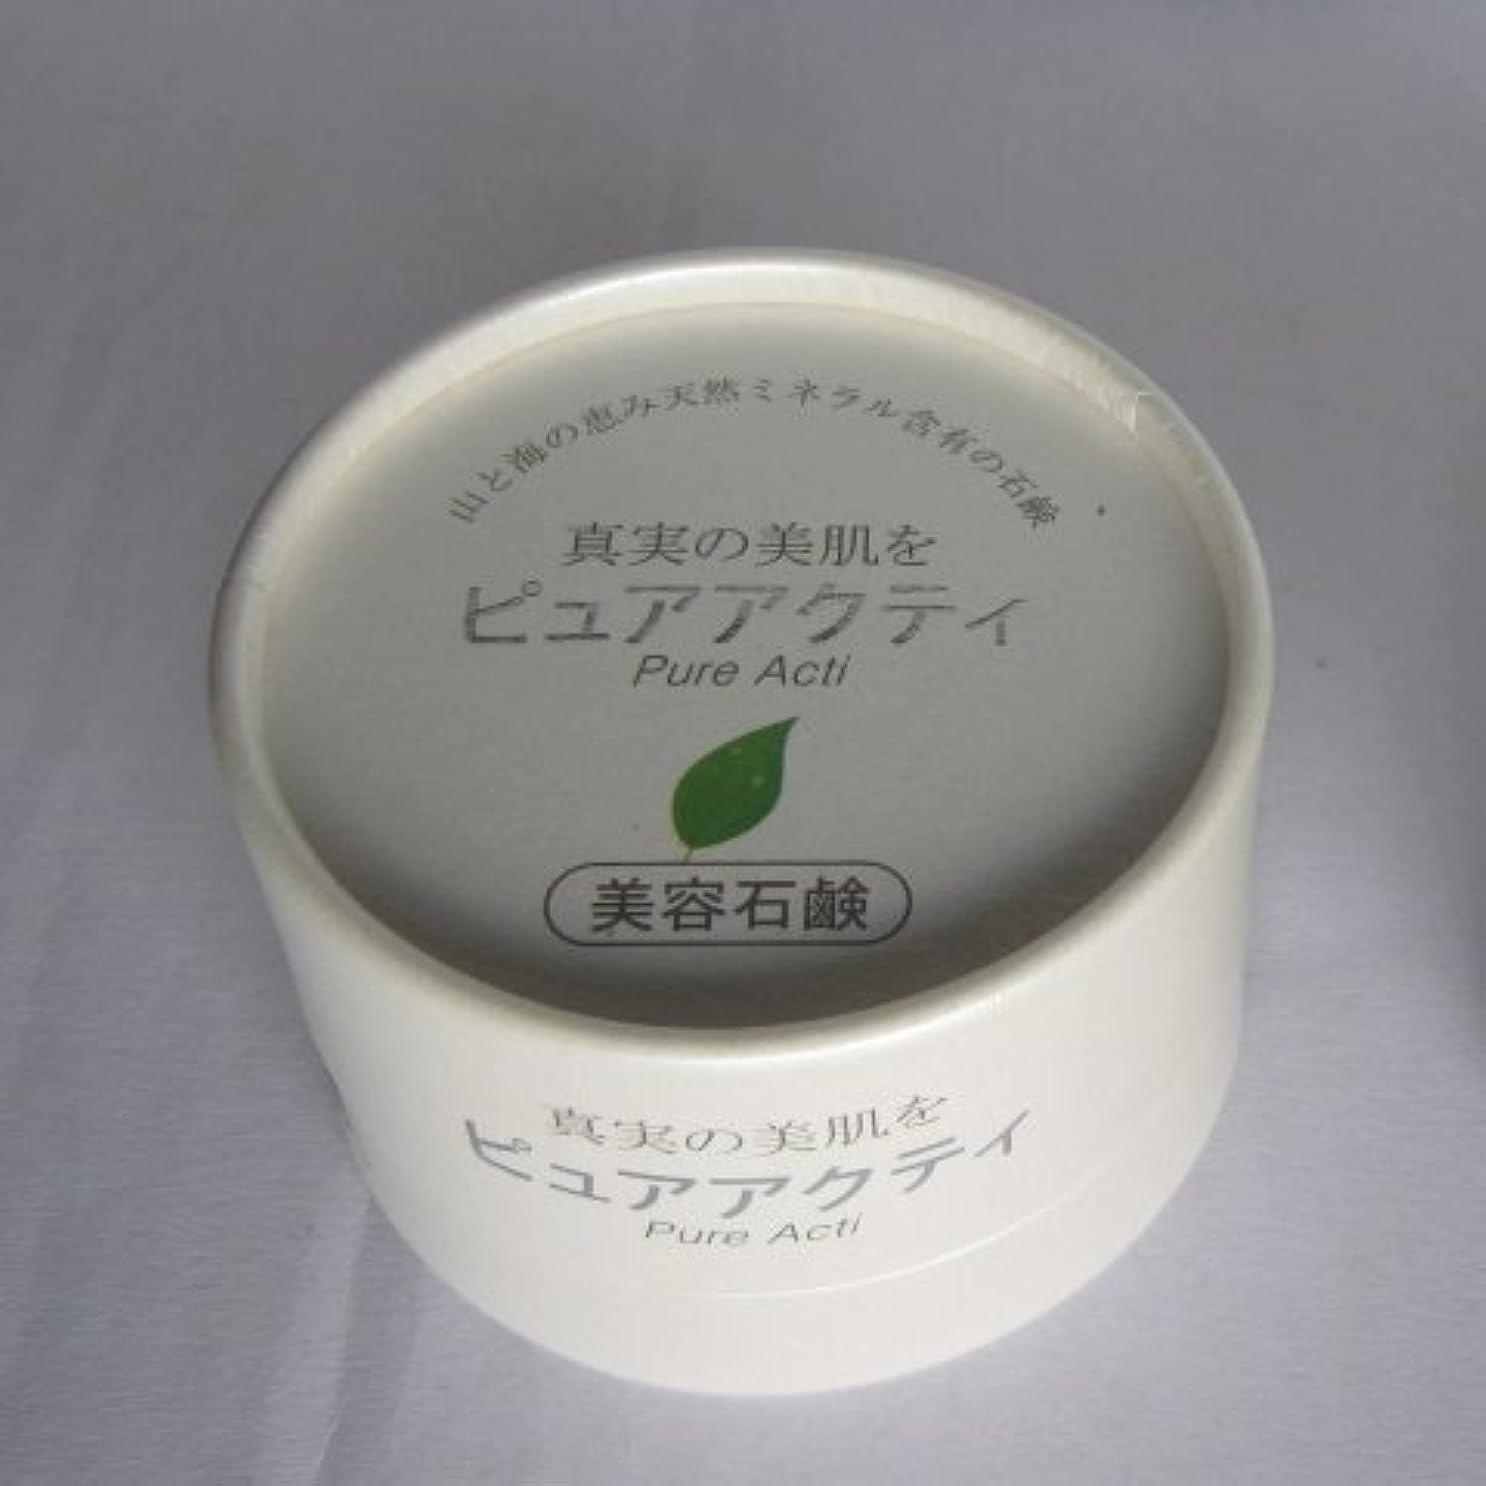 ピュアアクティ(美容石鹸)